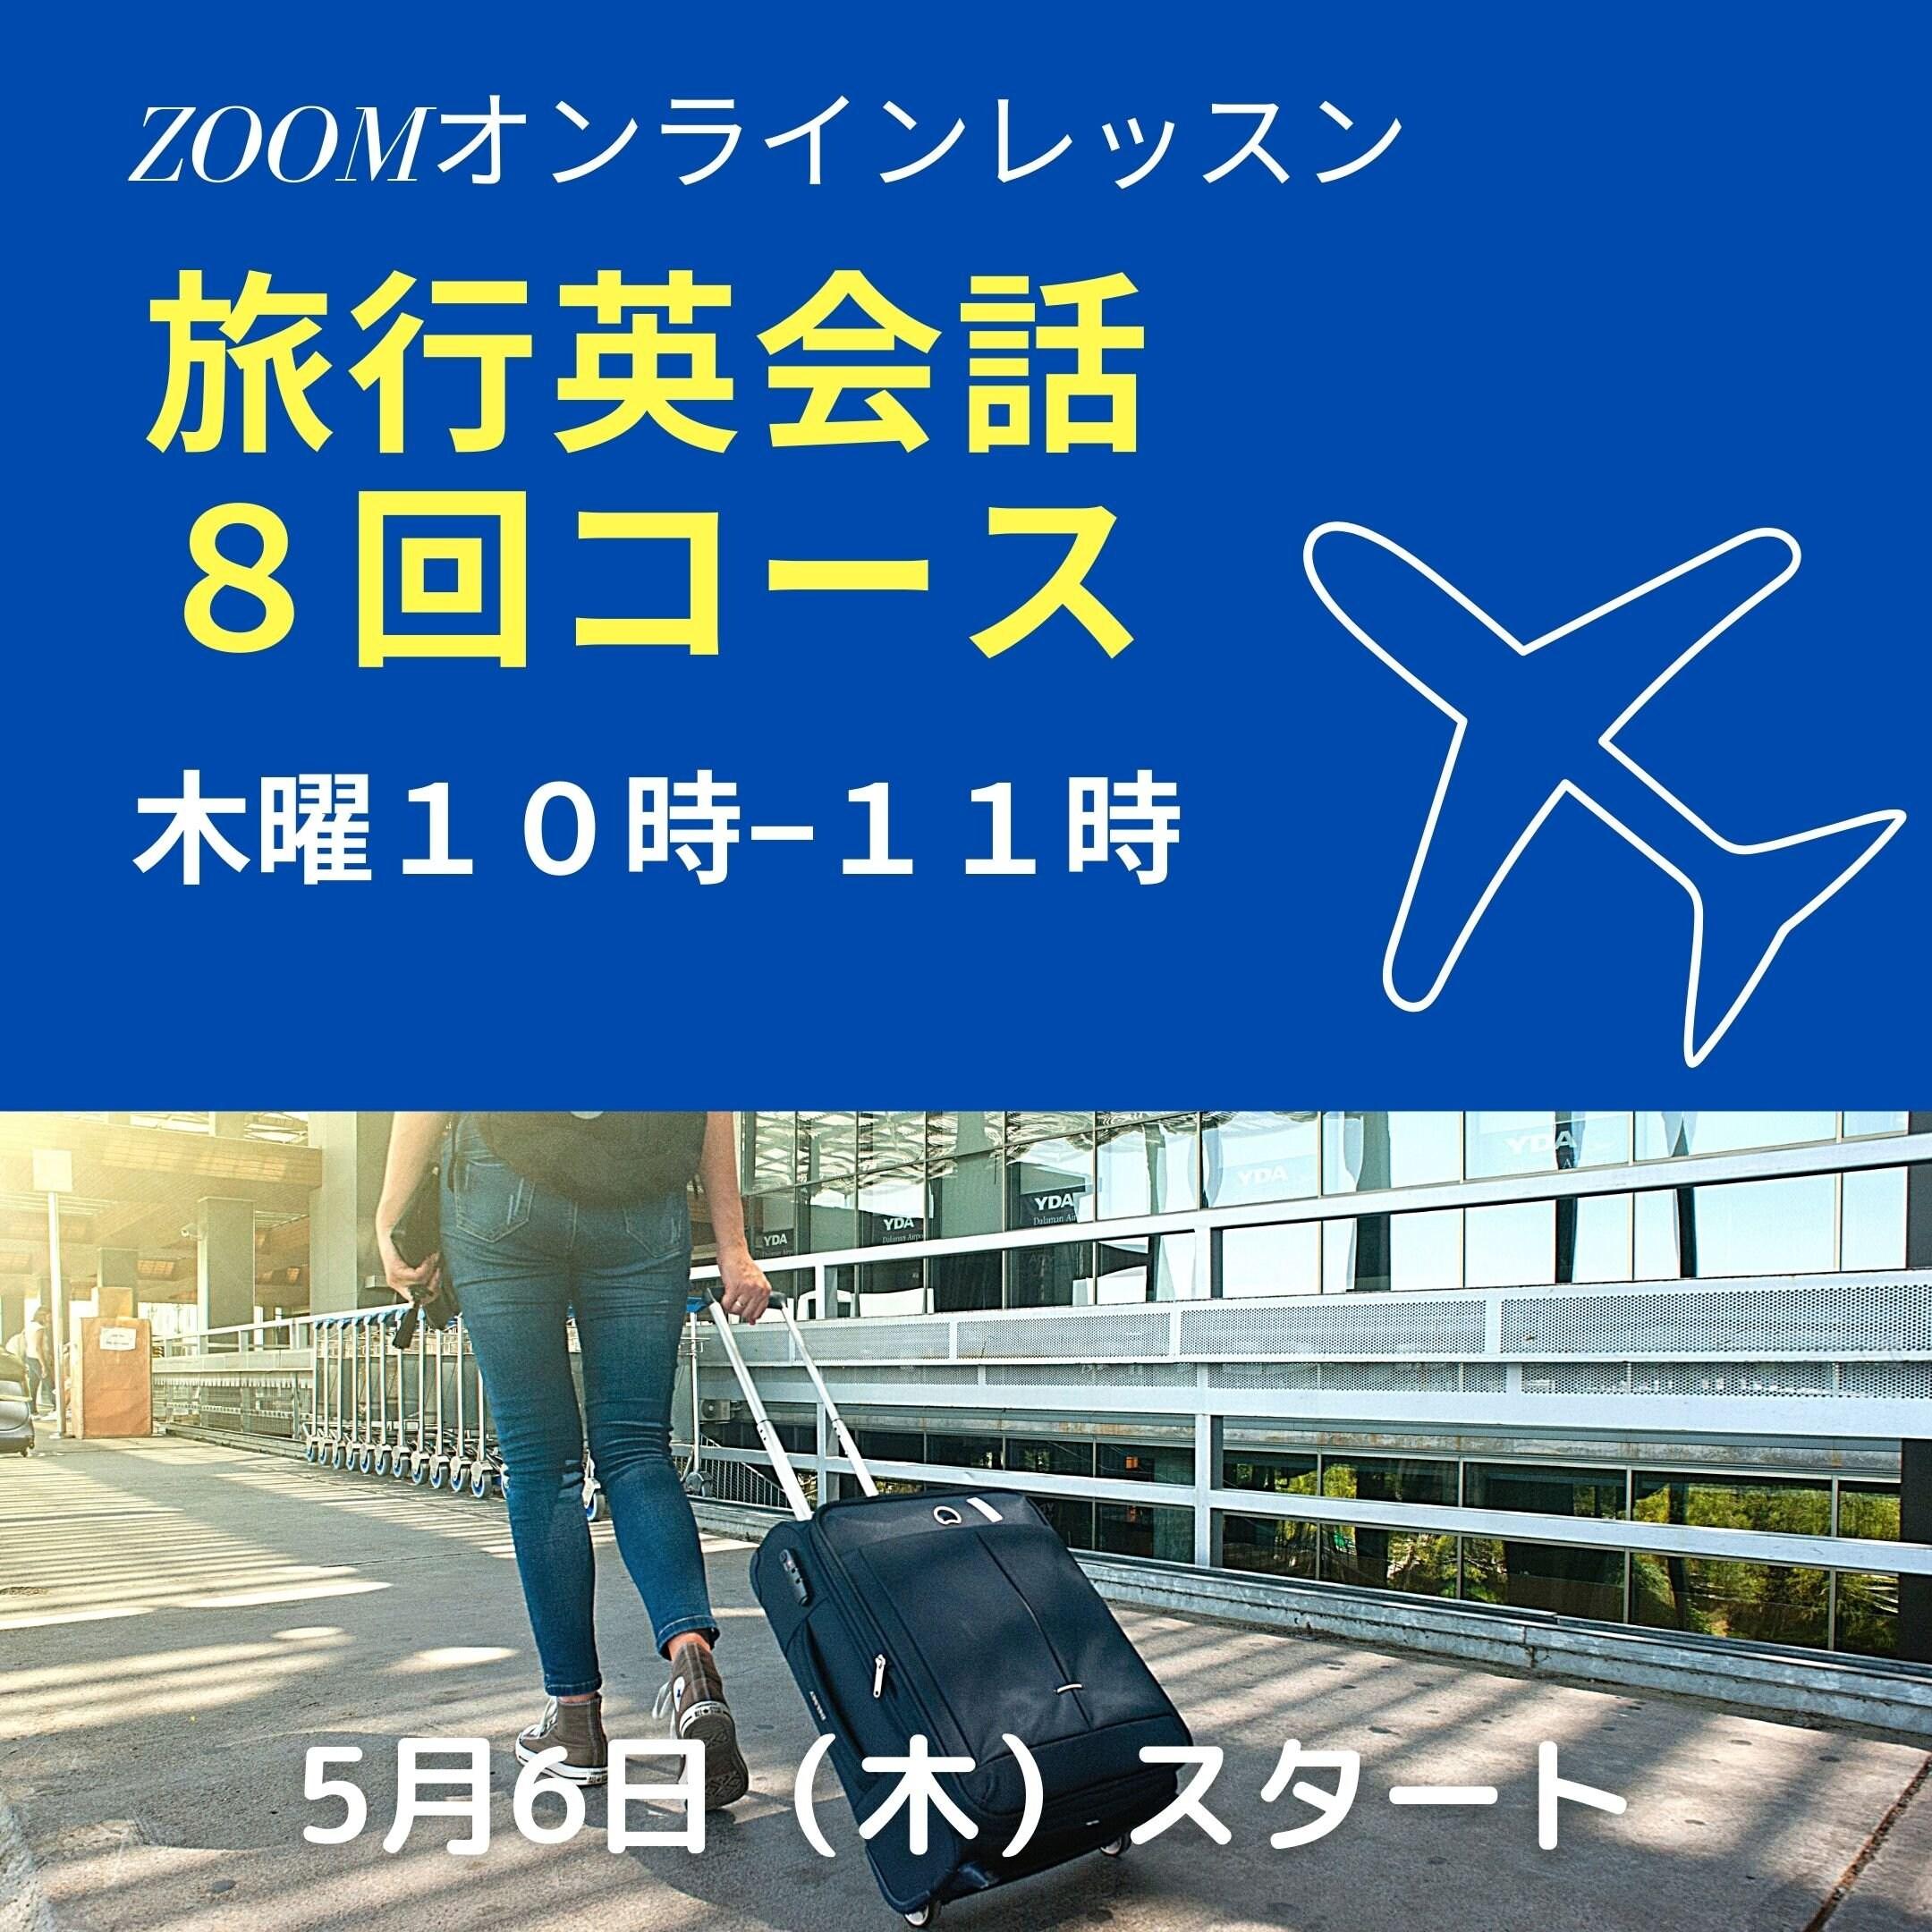 全8回コース 5月6日(木曜)10時スタート 使える!役立つ!「旅行英会話」のイメージその1